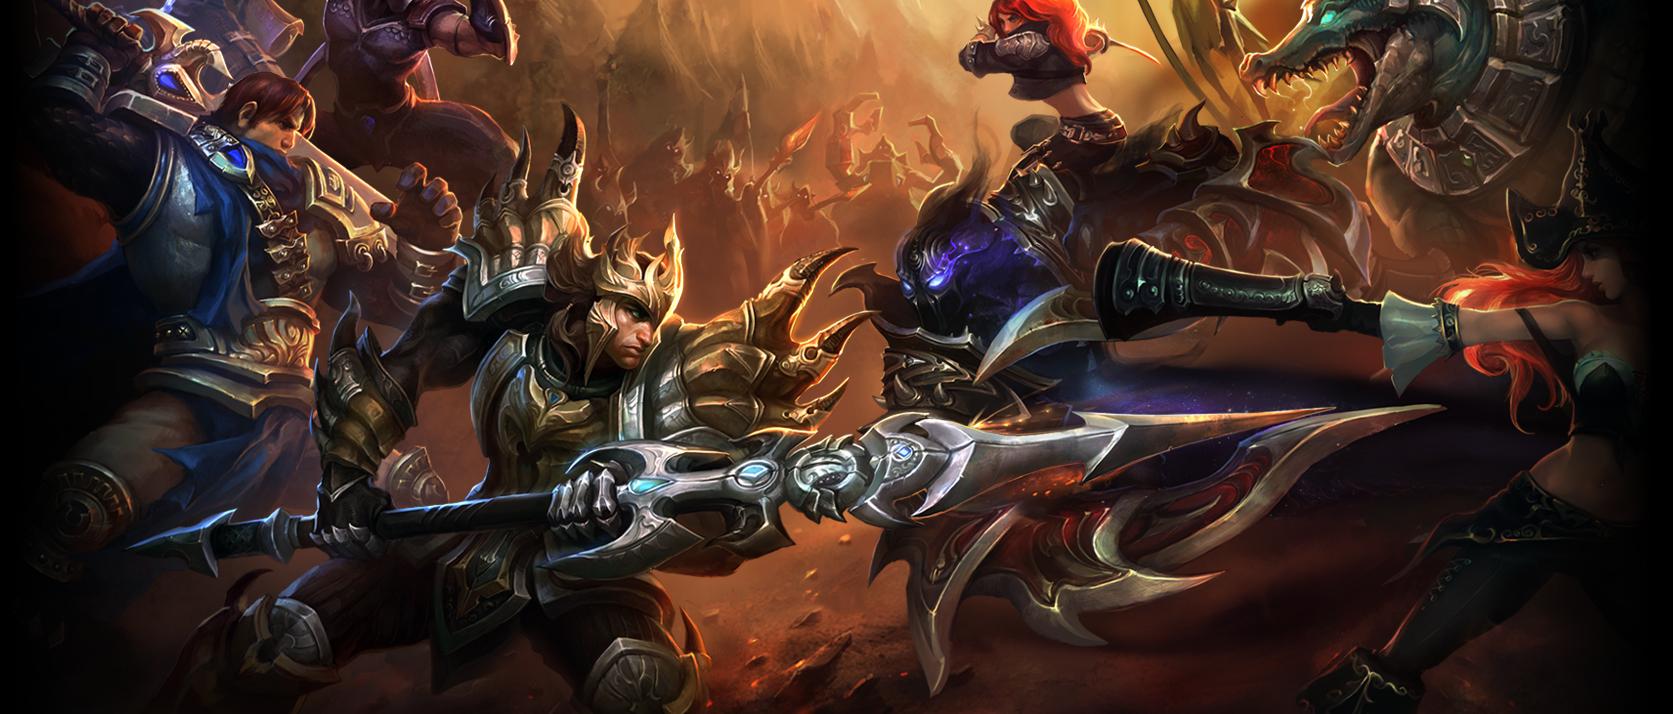 League of Legends Magyarország – Megvannak a húsvéti pályázat győztesei!